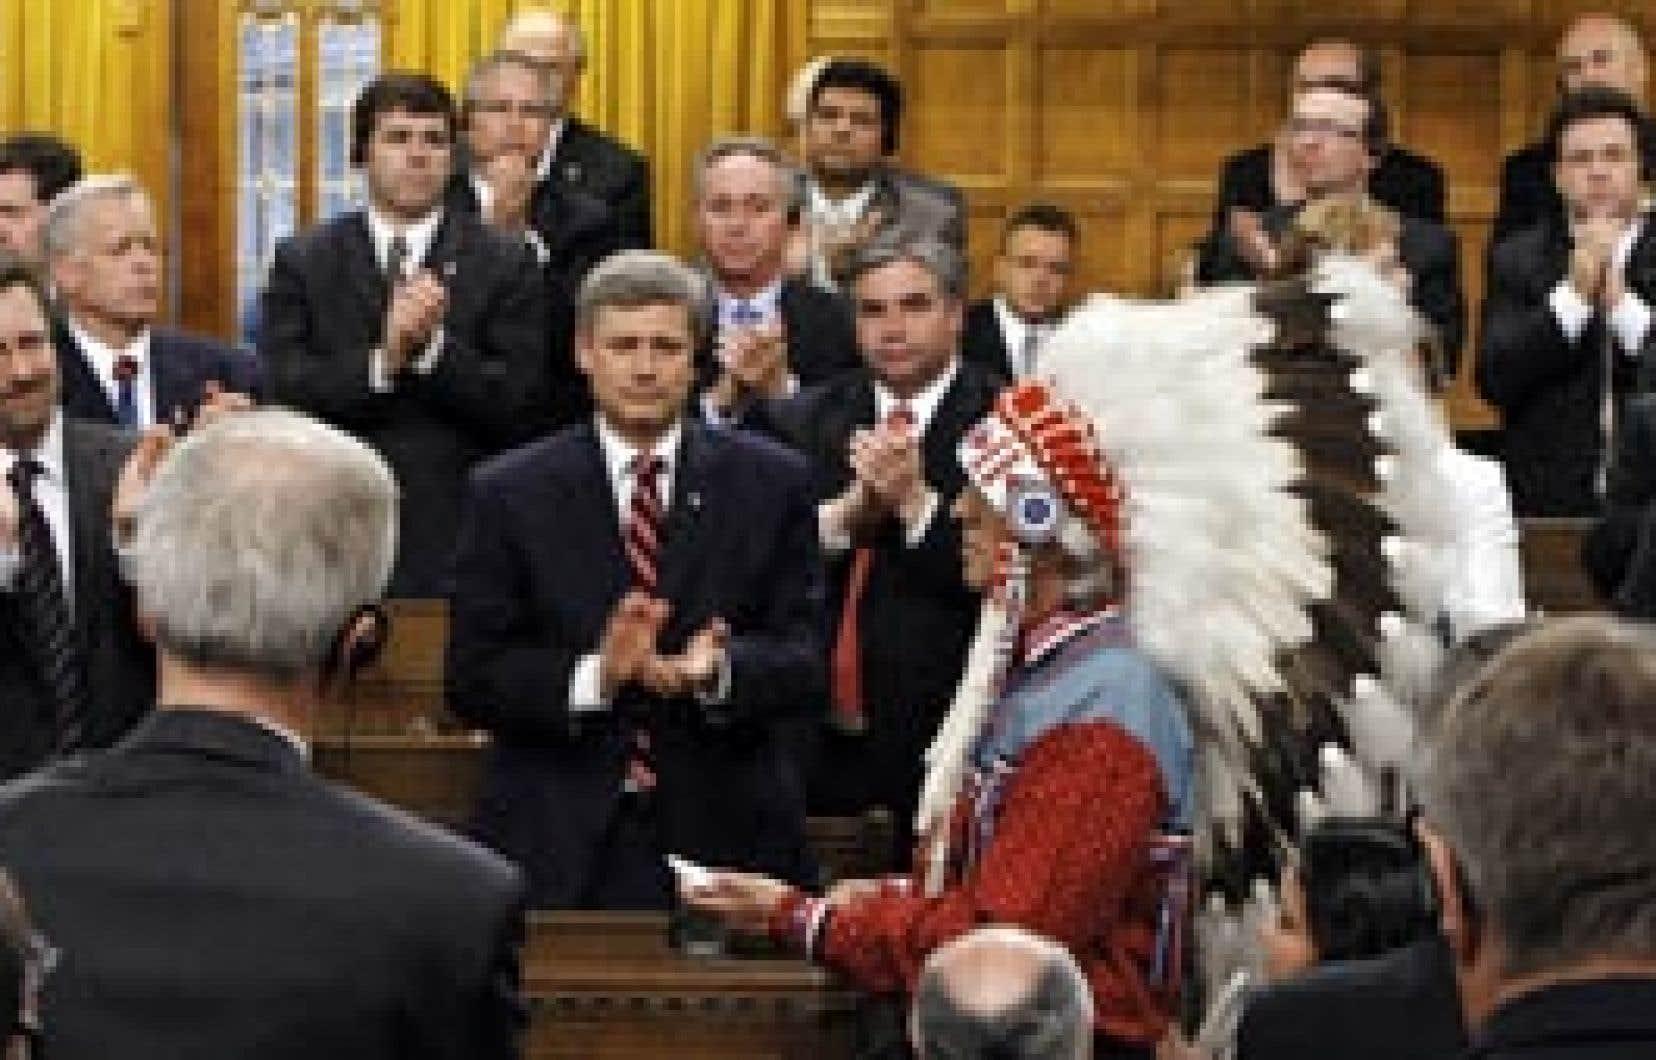 Le chef de l'Assemblée des Premières Nations, Phil Fontaine, devant le premier ministre Stephen Harper, en ce 11 juin 2008. Ce jour constitue maintenant un repère historique, où le Canada a officiellement reconnu qu'il a appliqué, à partir de 1